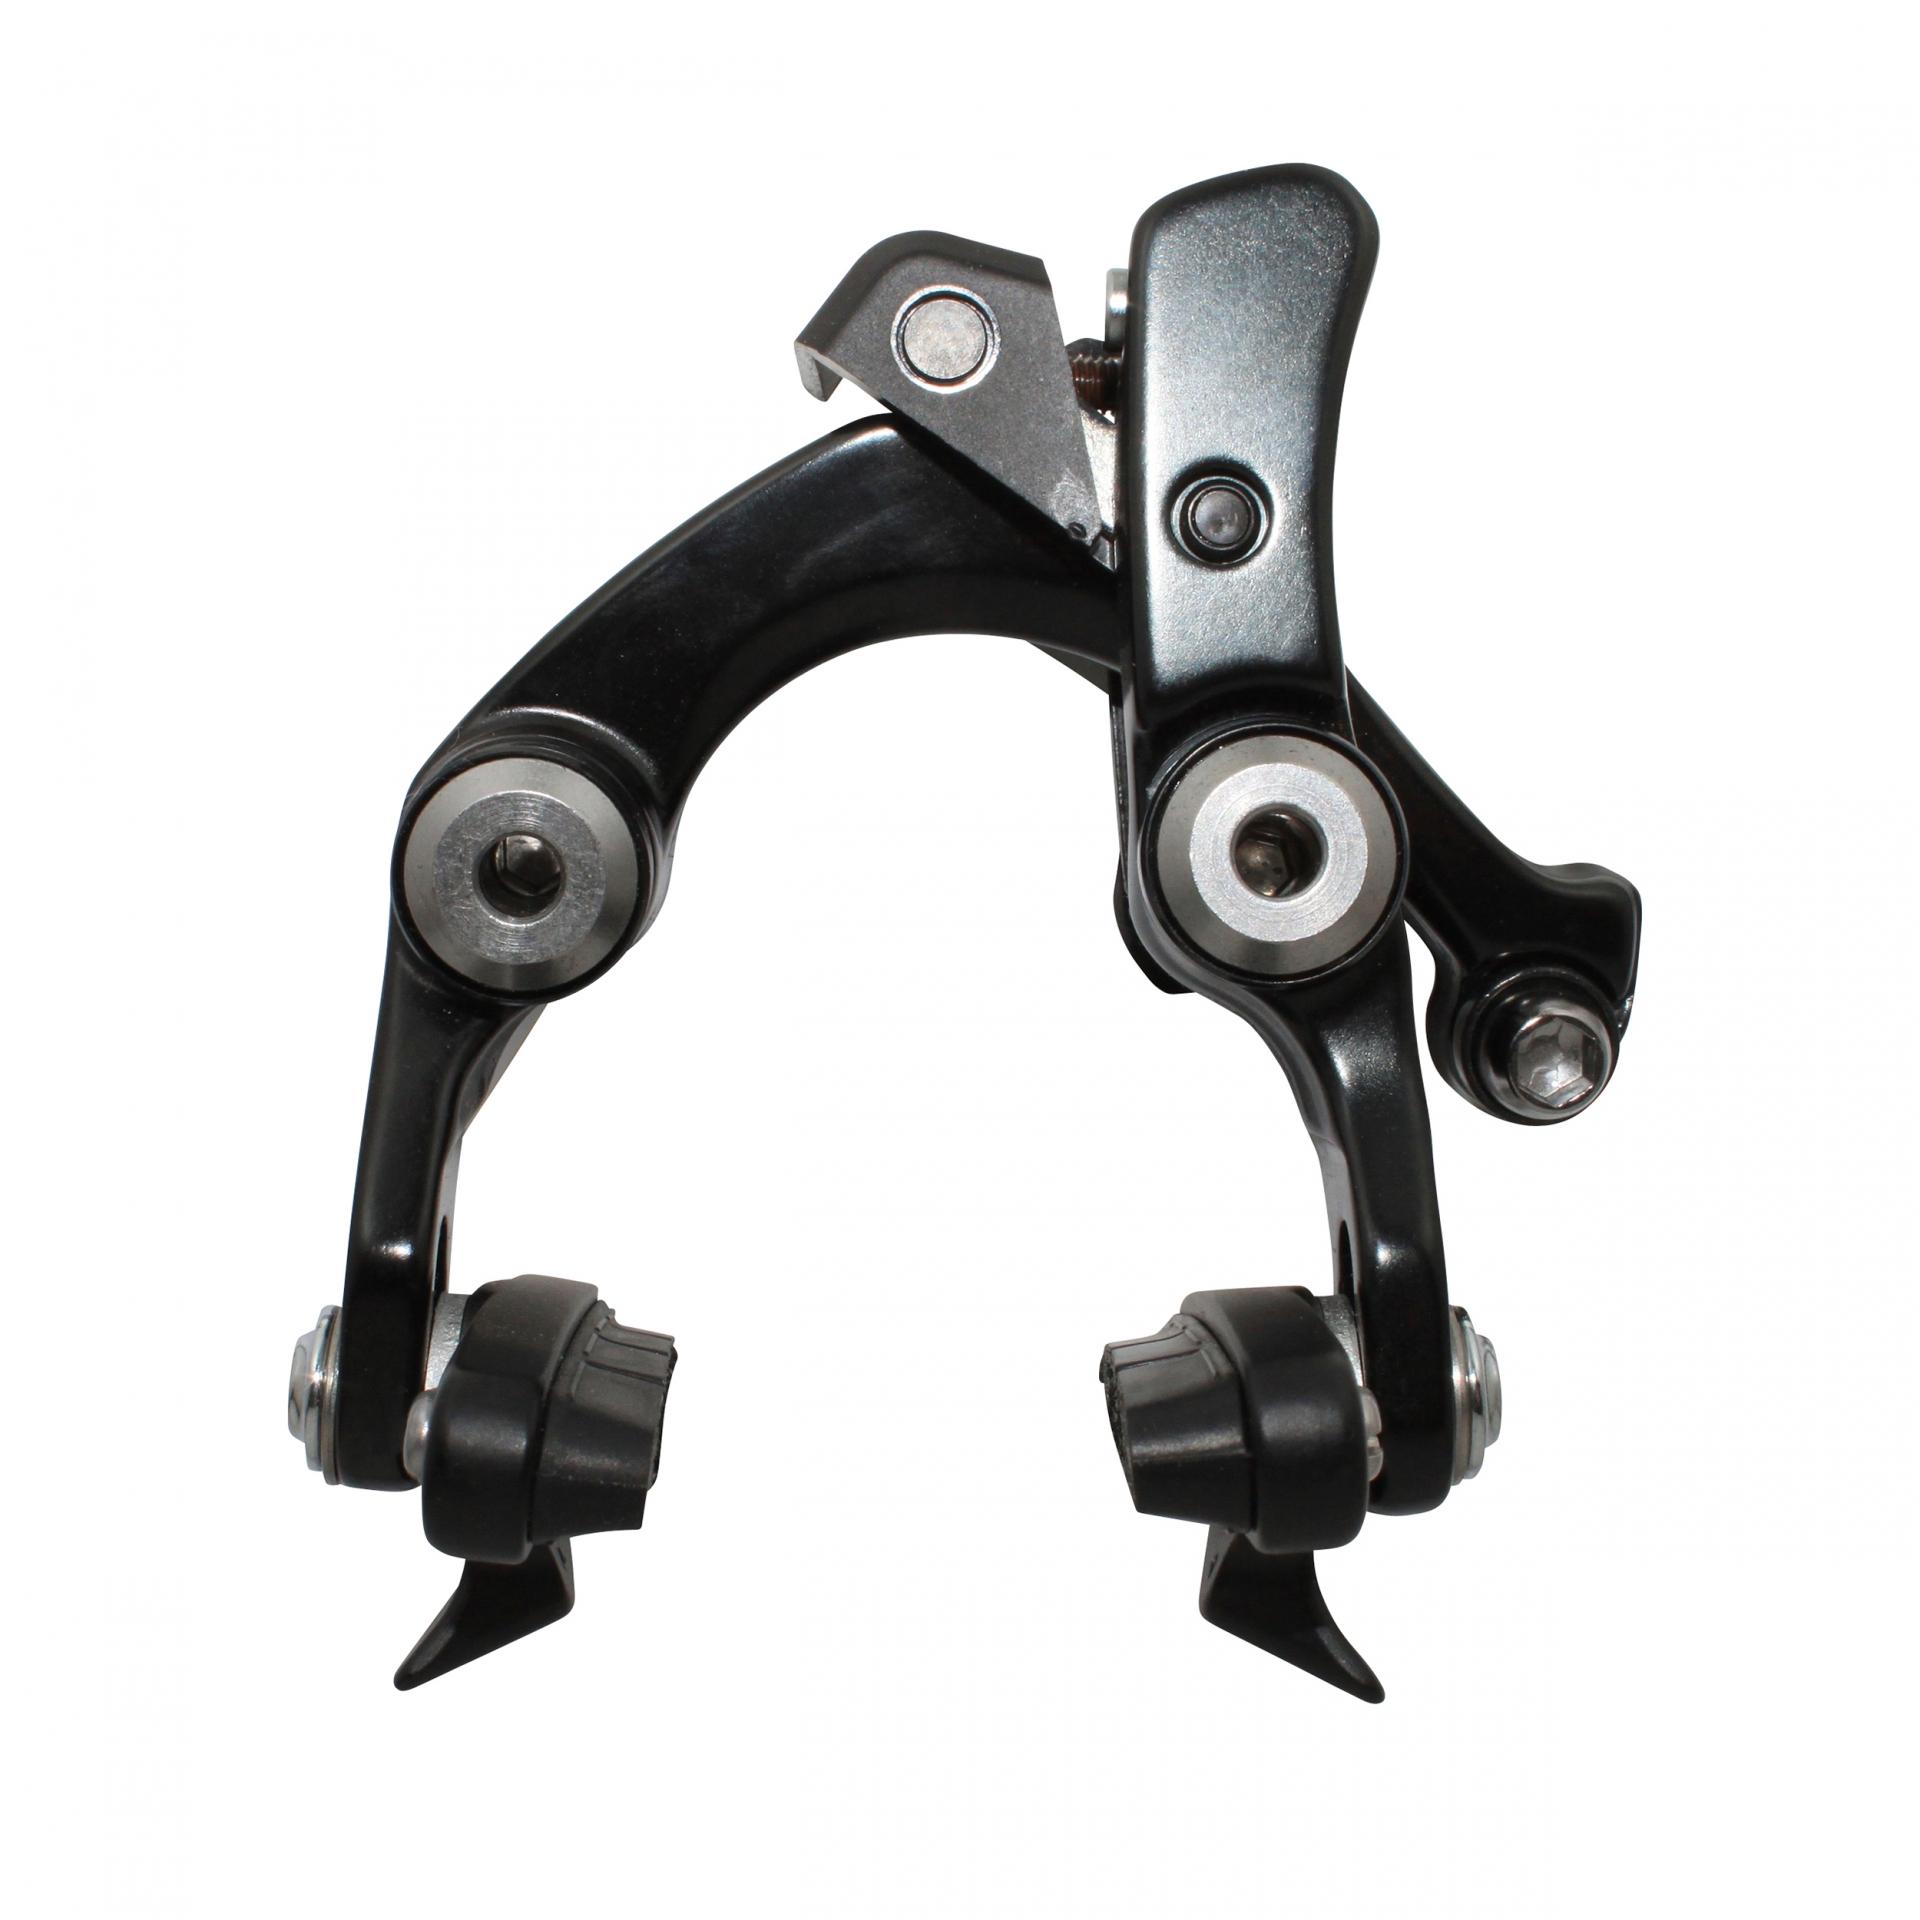 Étrier de frein AR route Shimano 105 5810 Montage Direct Noir